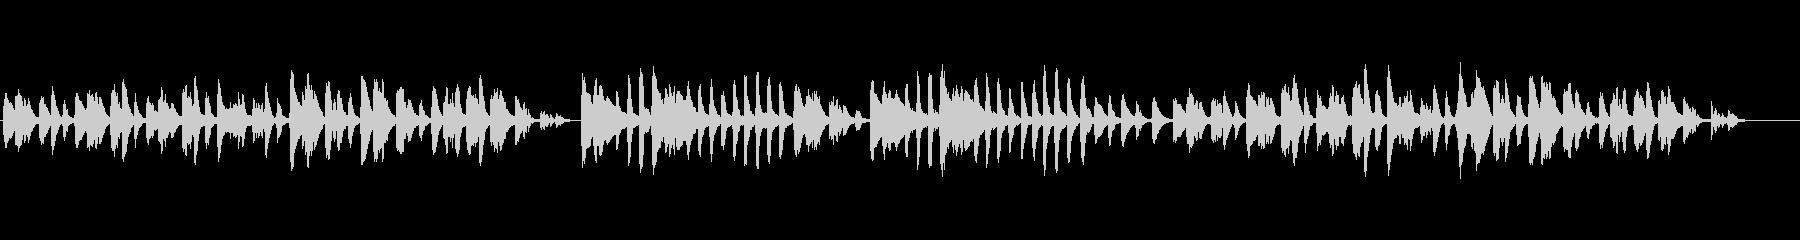 ブルグミュラーの「優美」の未再生の波形